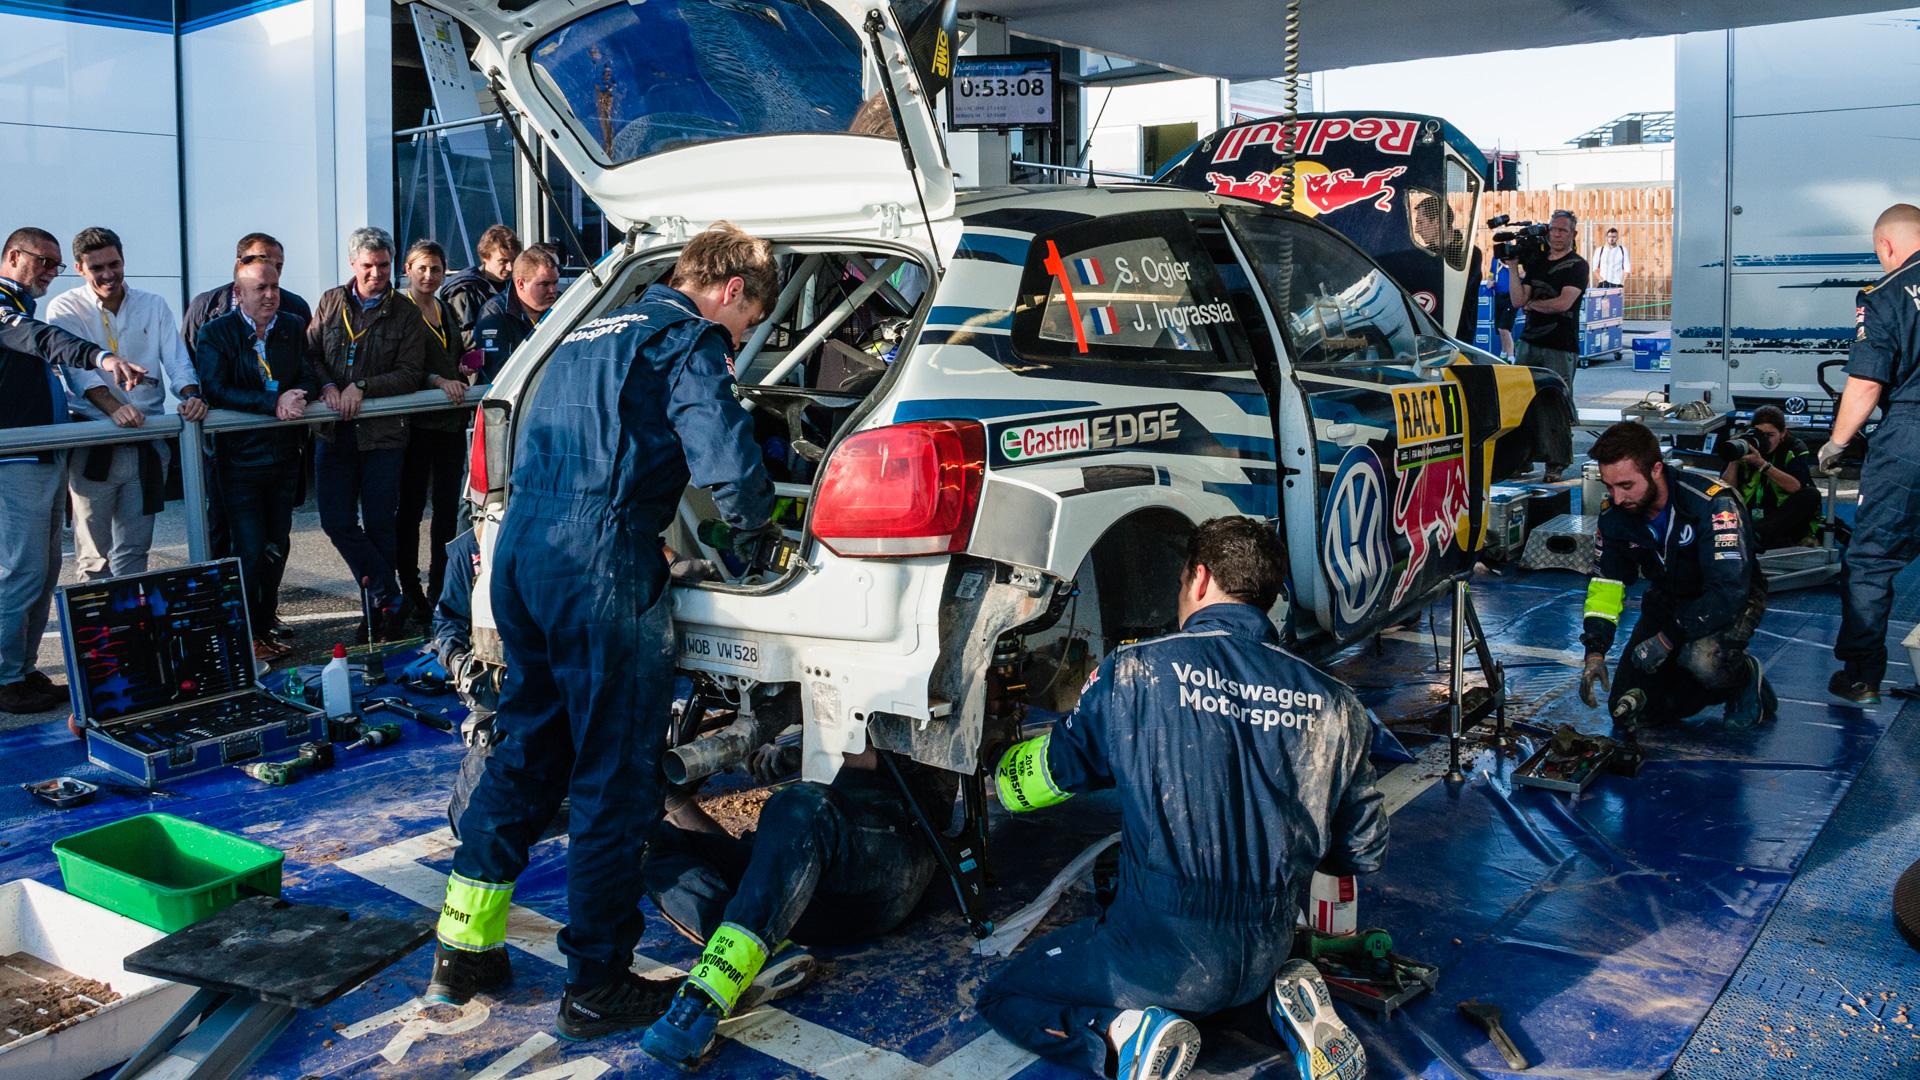 Как механики WRC собирают изодной раллийной машины другую за75 минут. Фото 8